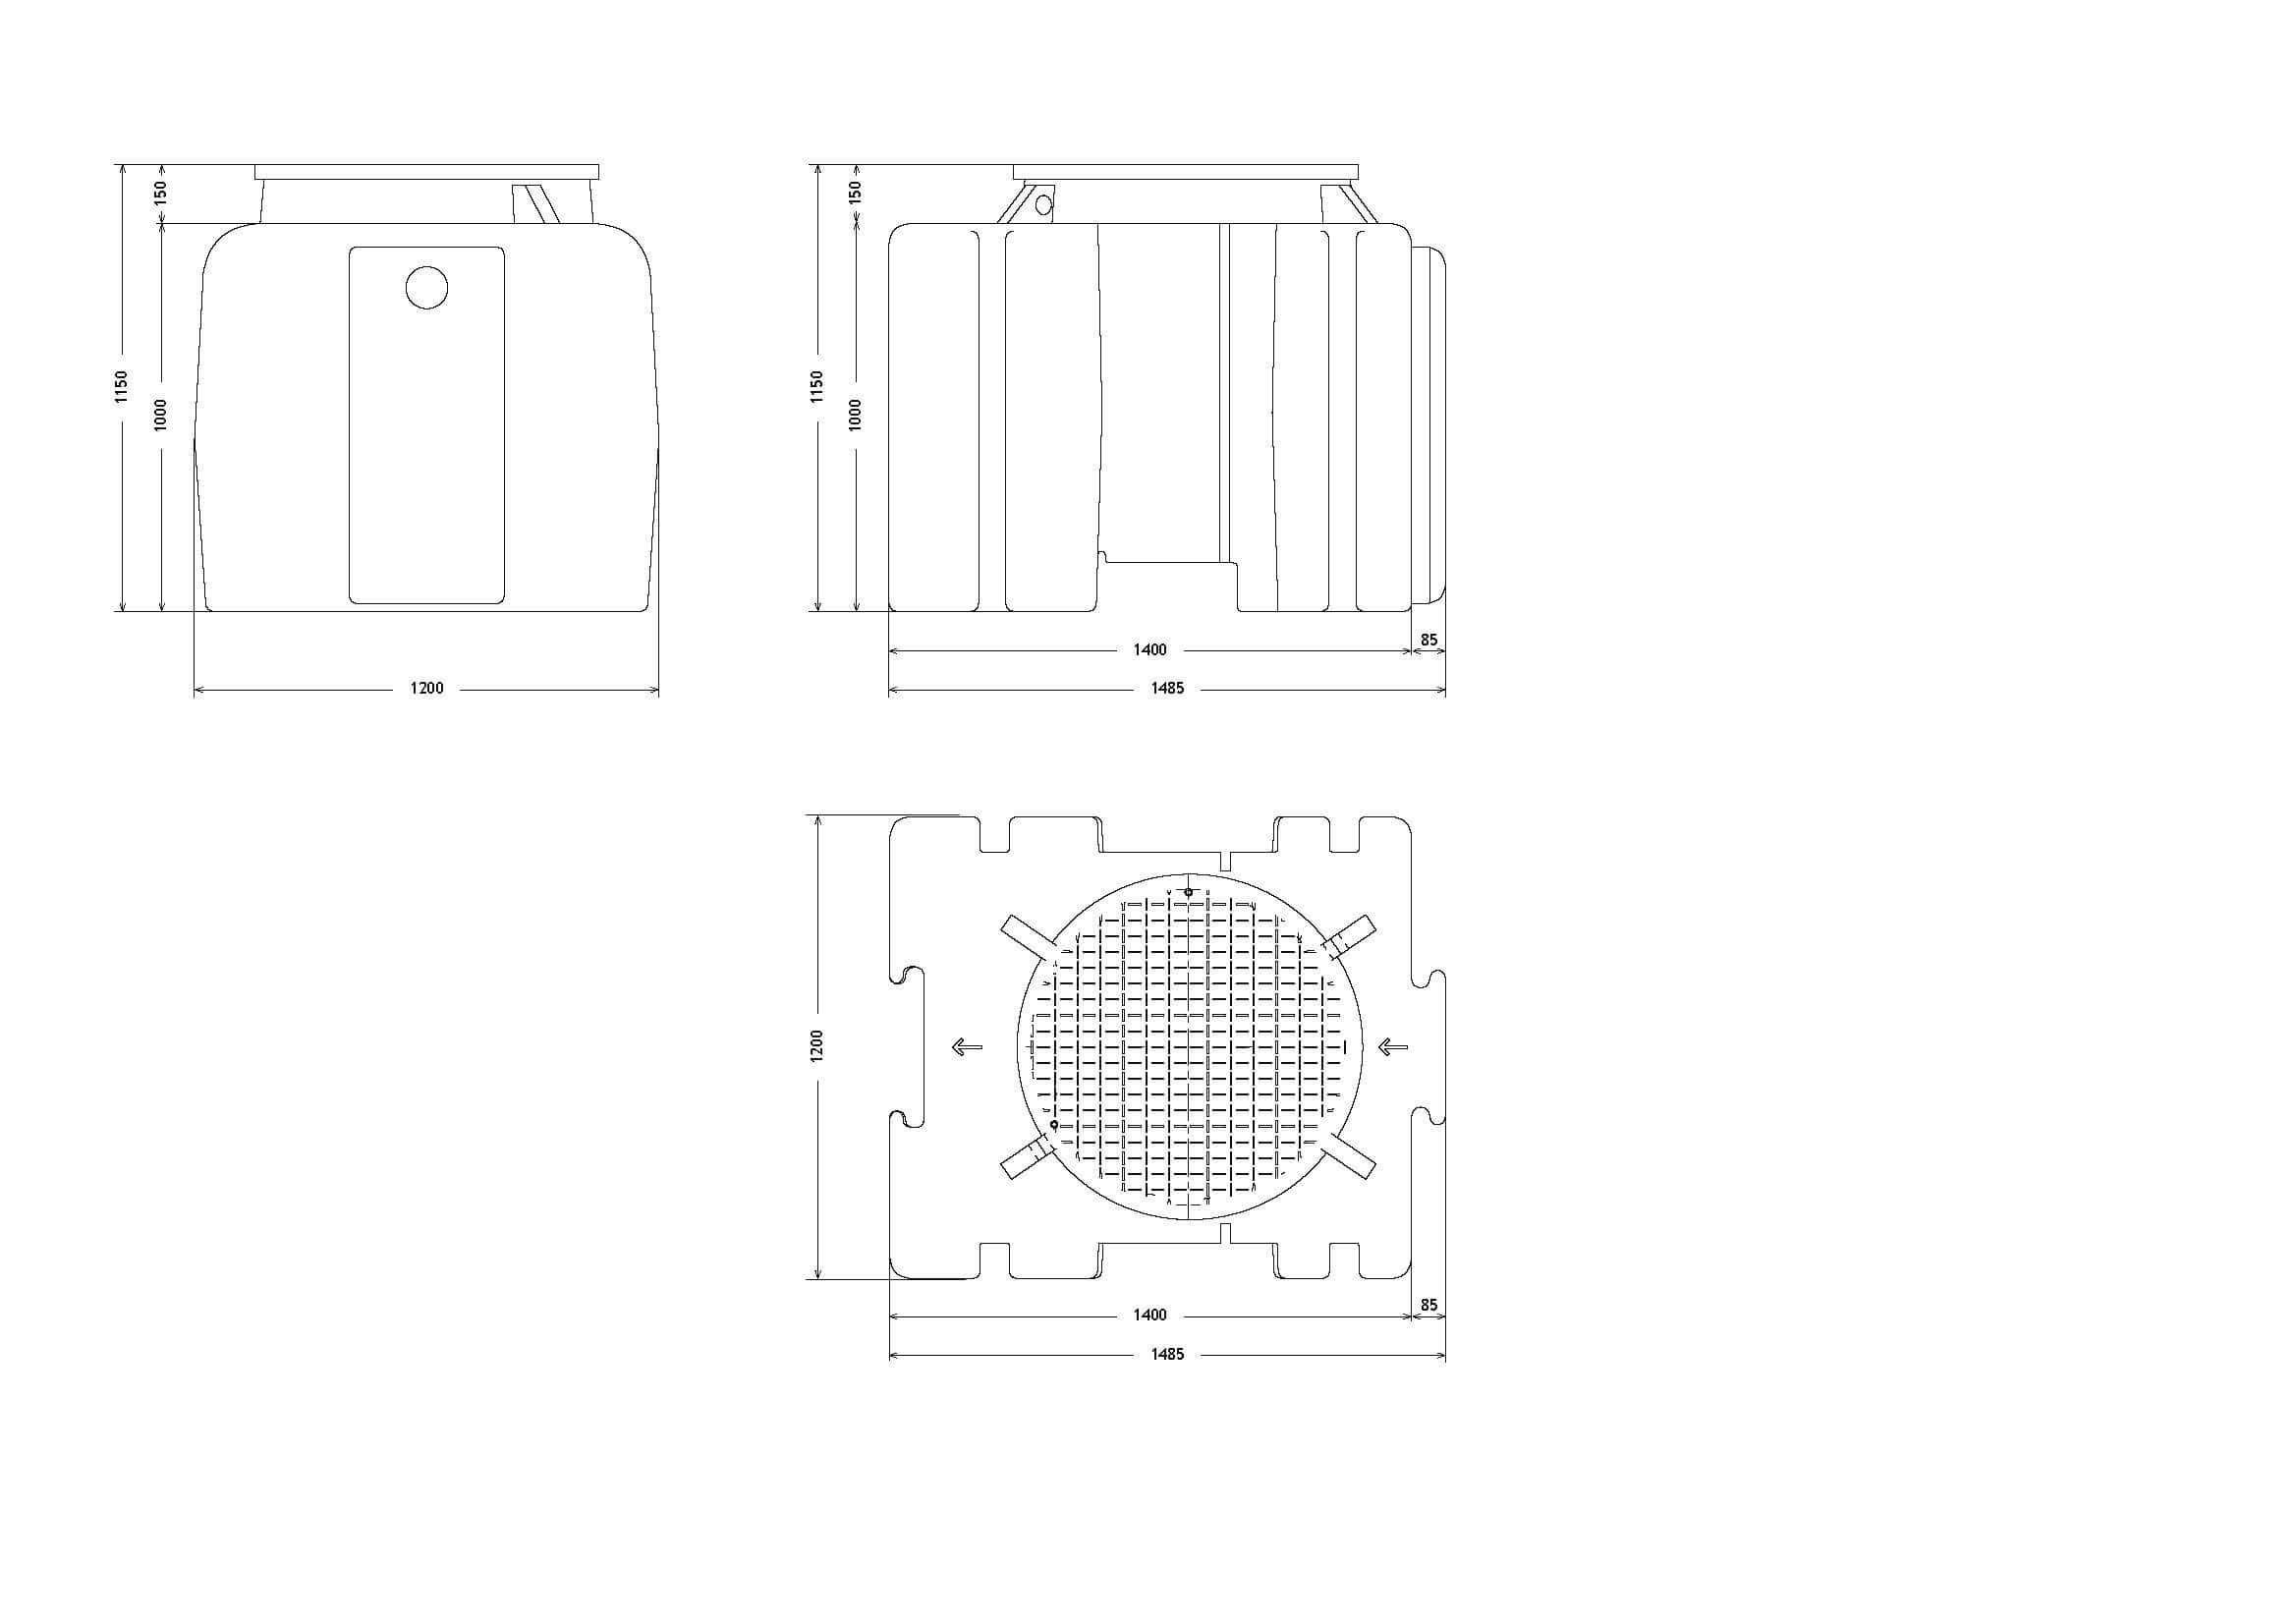 etar's compactas ETAR's Compactas 1000Litros Page 1